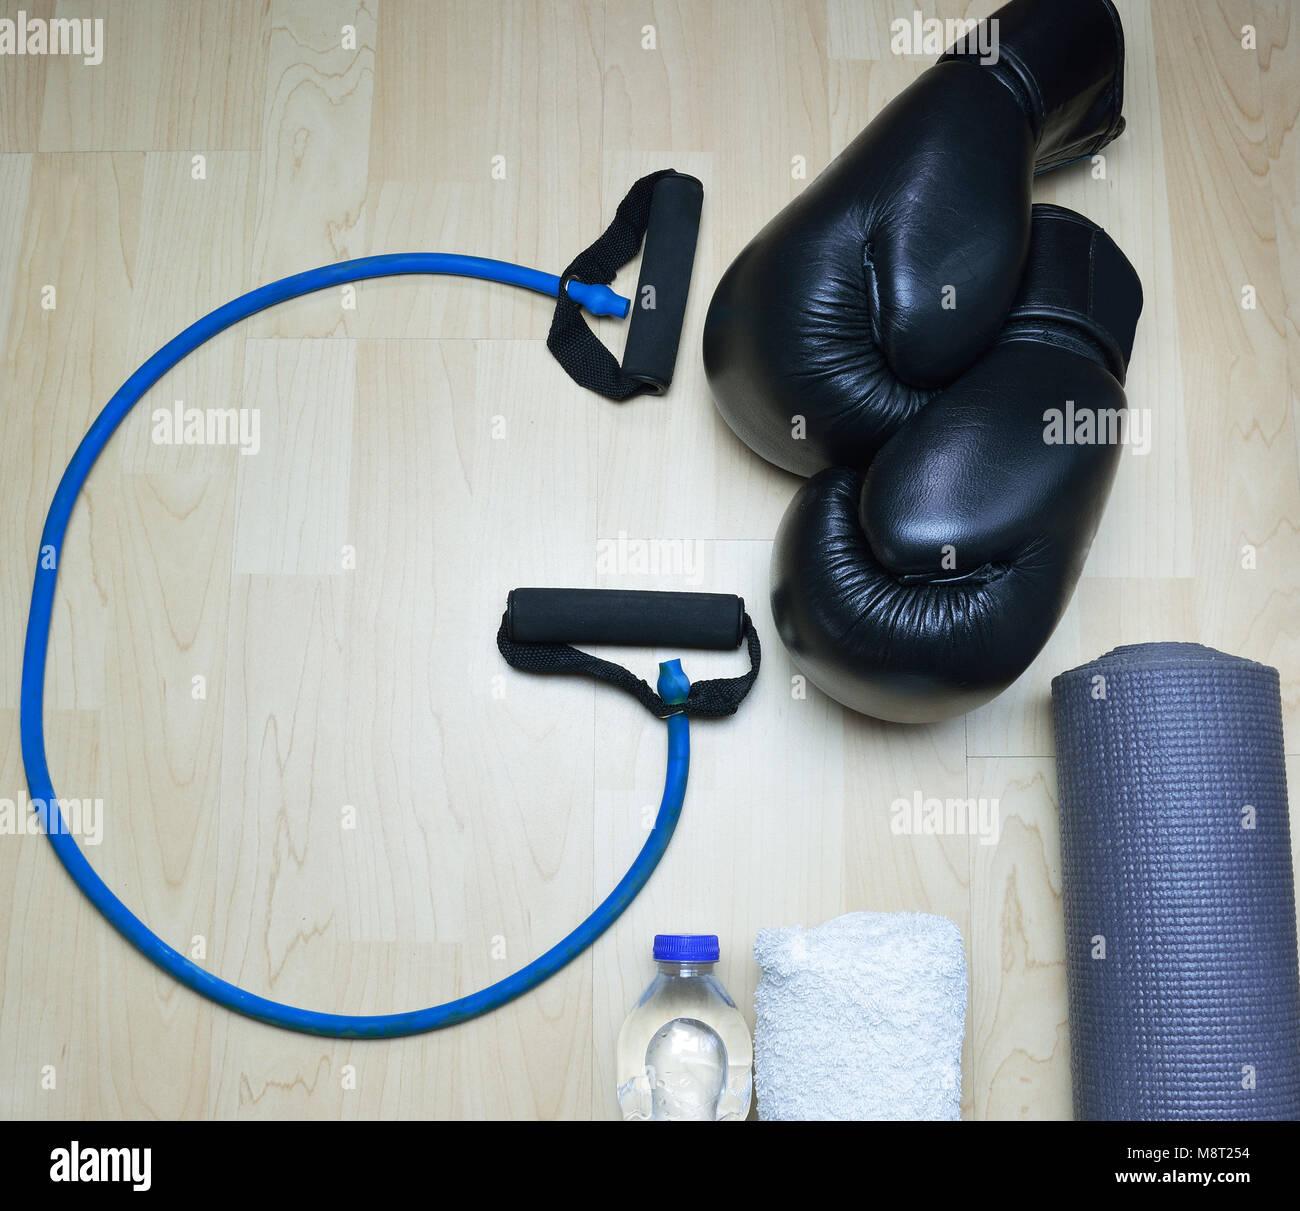 La cuerda en forma G , kick boxing guantes, botella de agua, toalla y rollable colchón sobre fondo de madera Imagen De Stock